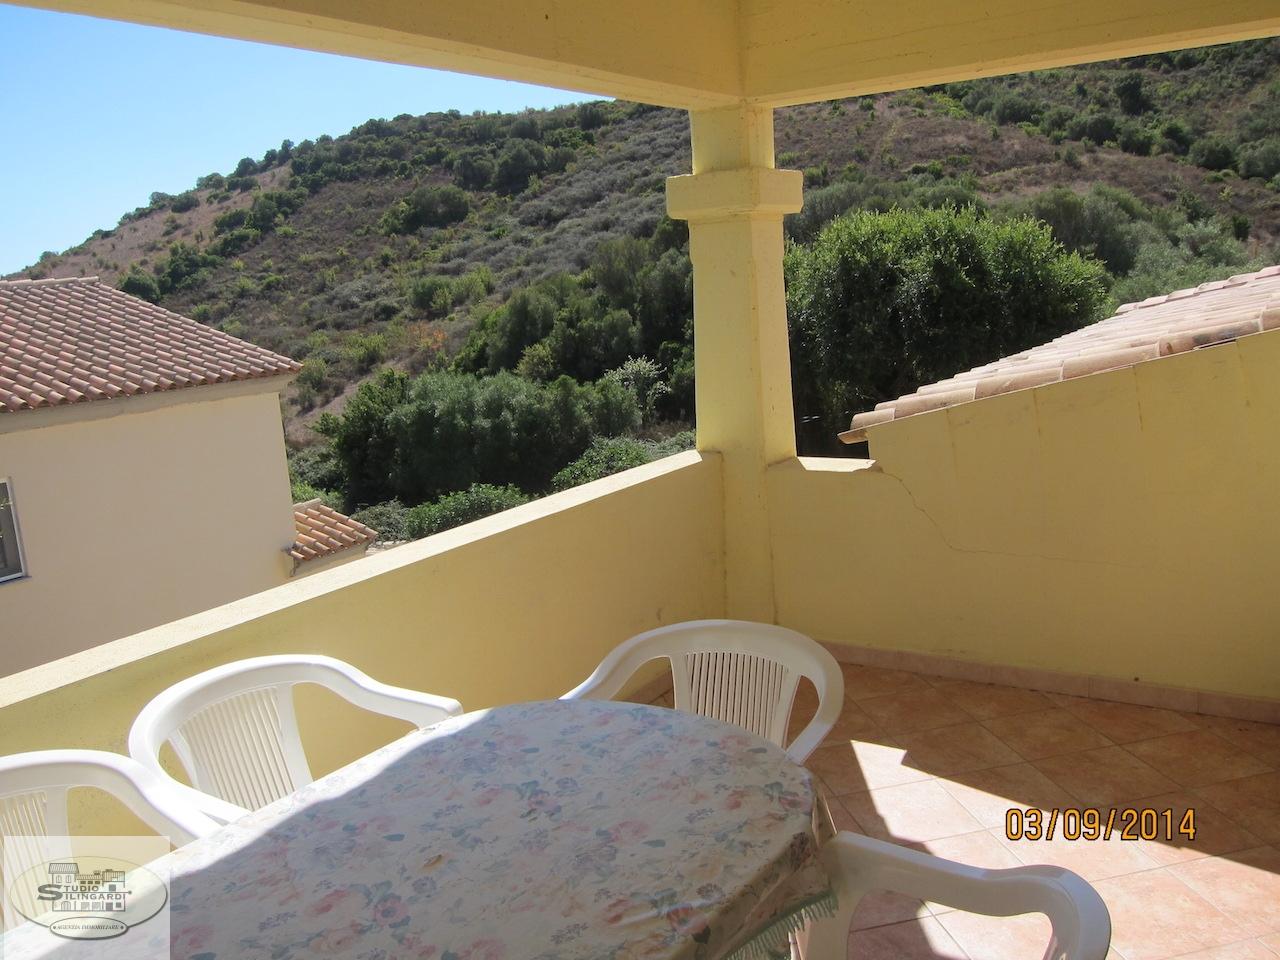 Appartamento in vendita a Budoni, 3 locali, prezzo € 119.000 | Cambio Casa.it